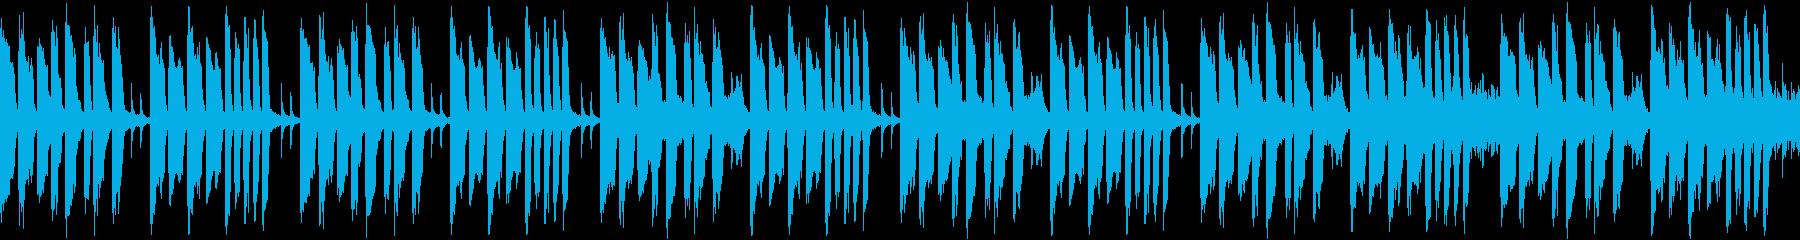 さぁ行こうという時にいい曲(ループ仕様)の再生済みの波形